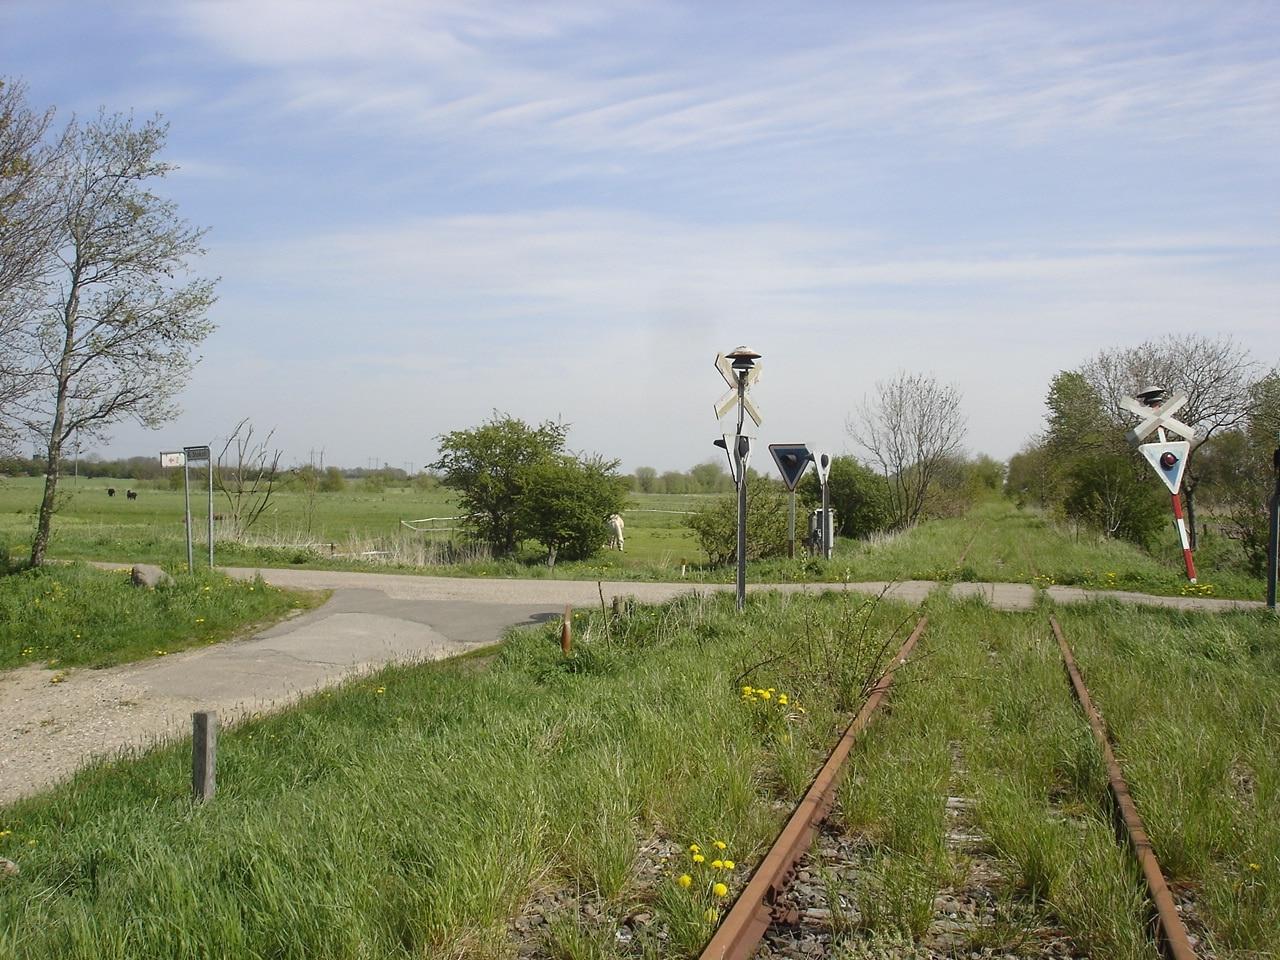 Tonder, Syddanmark (Region), Dänemark